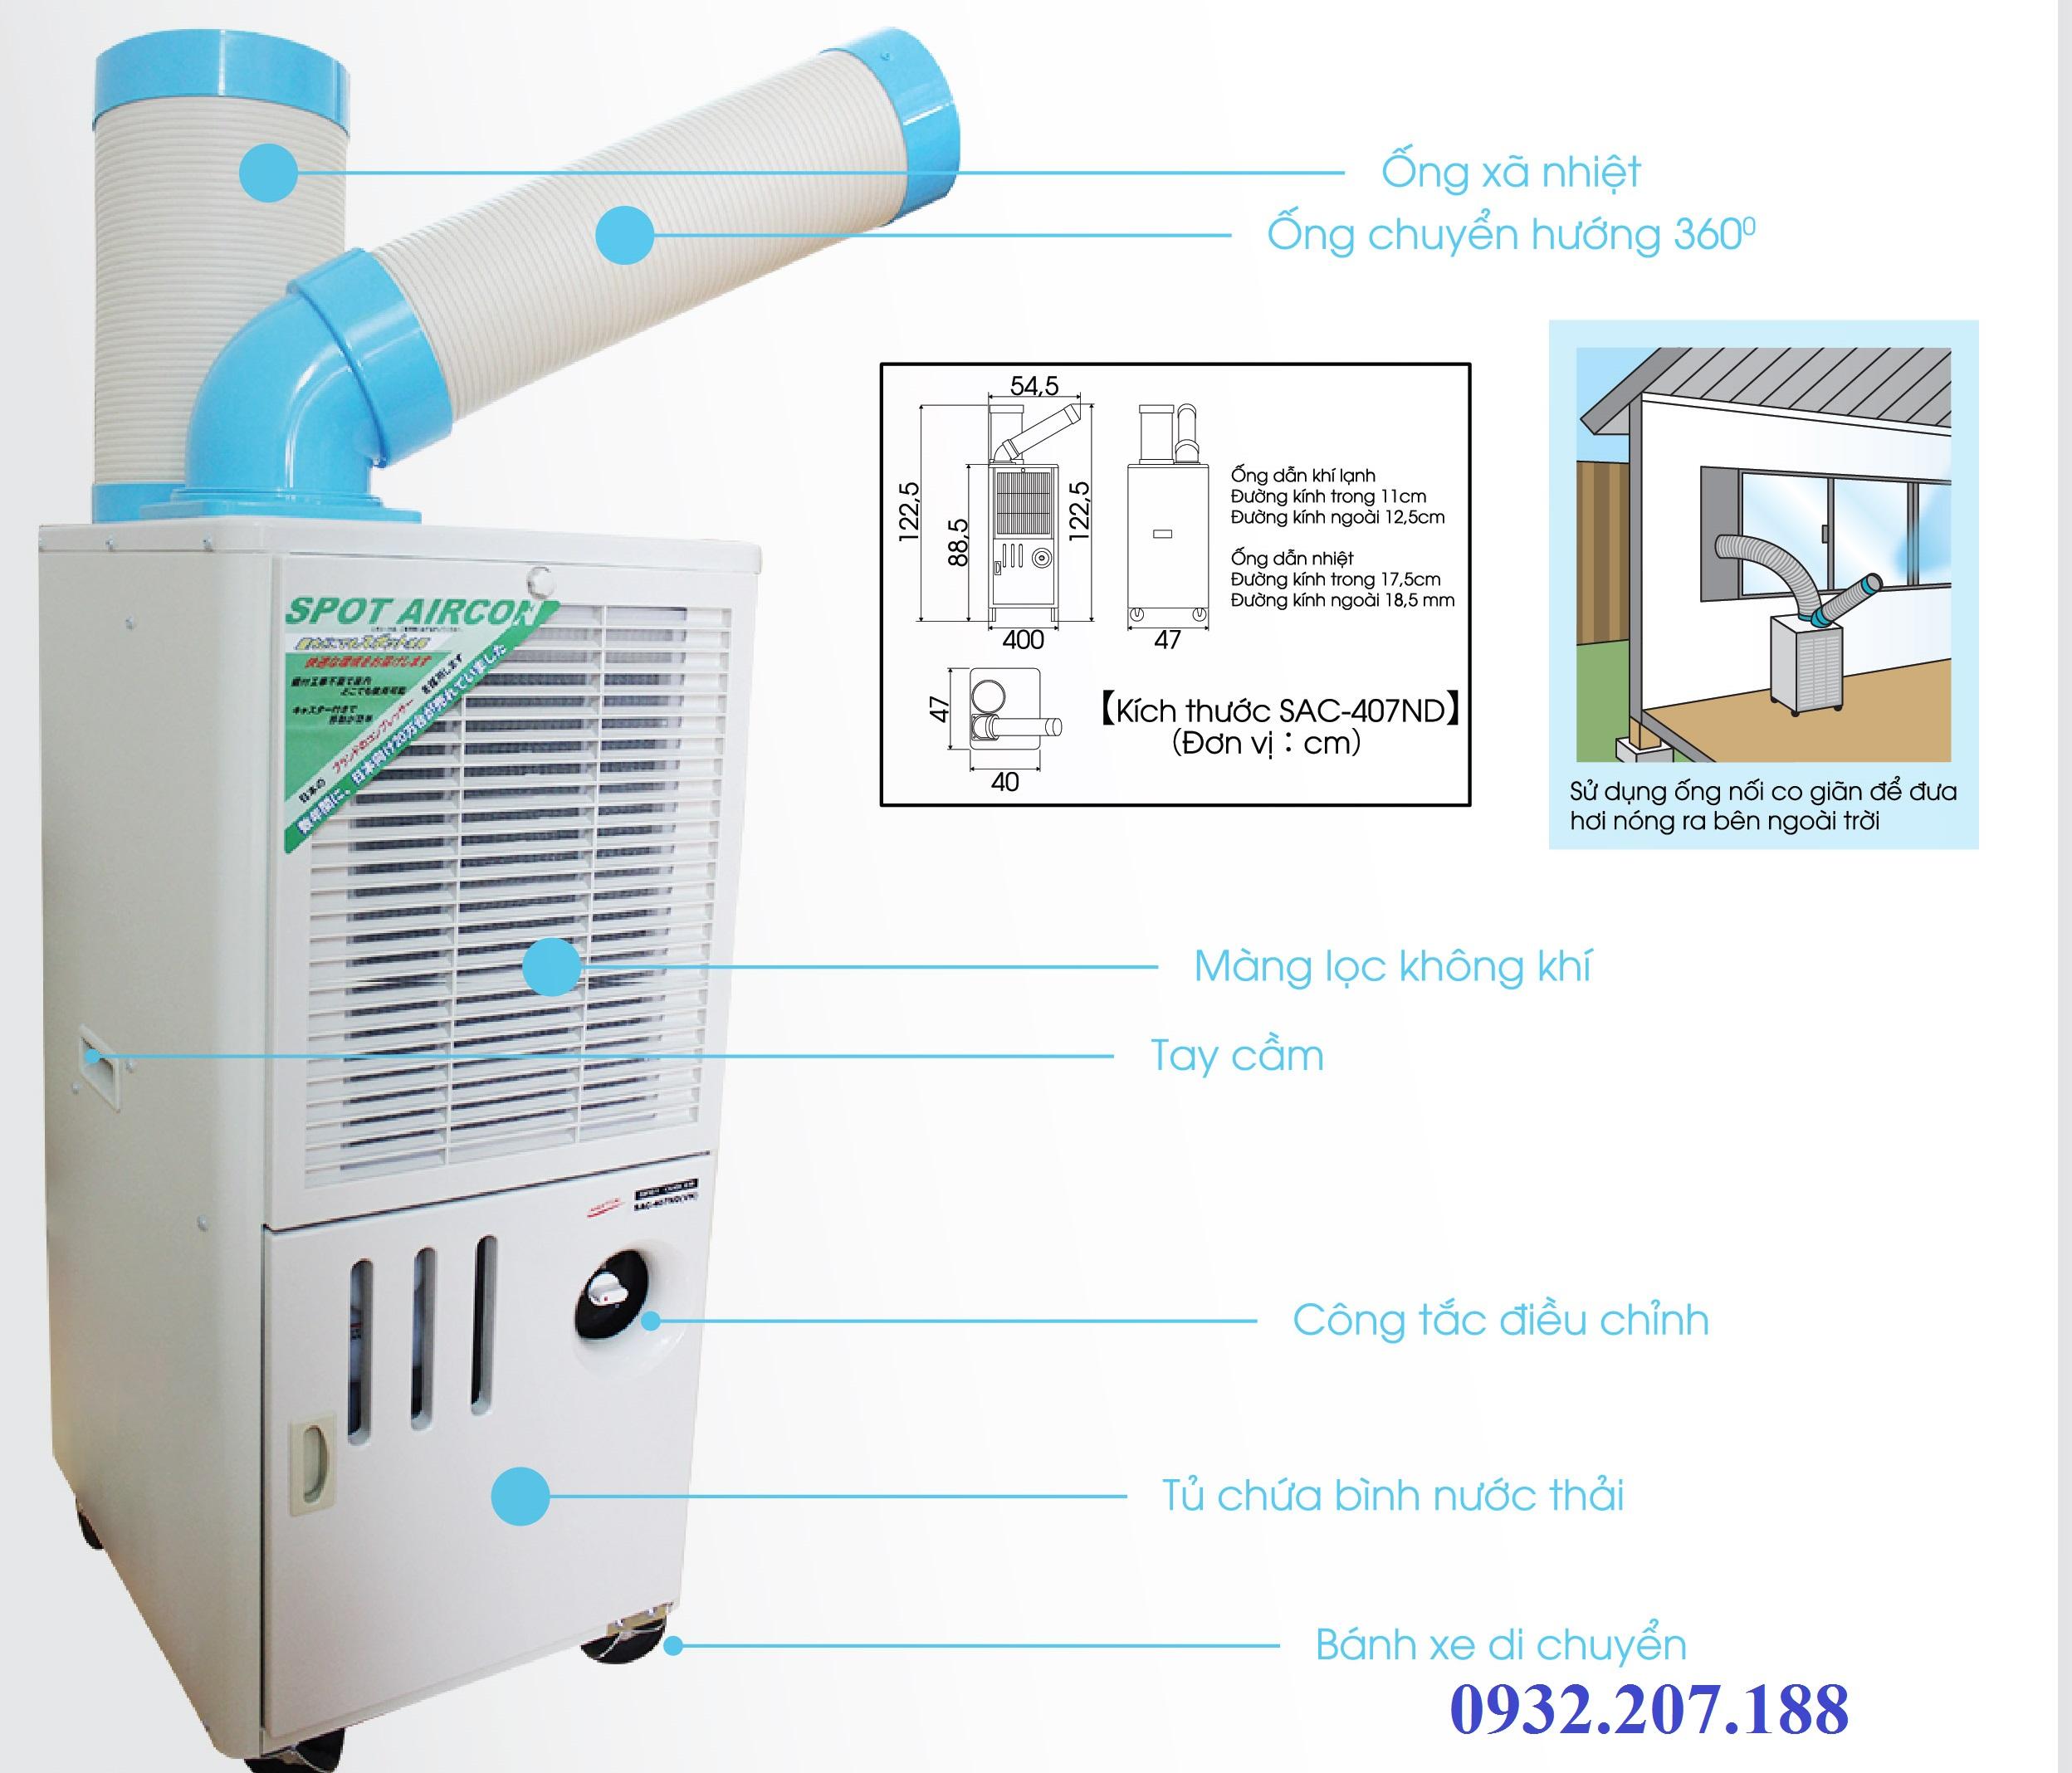 Máy lạnh 1 ngựa SAC- 407ND